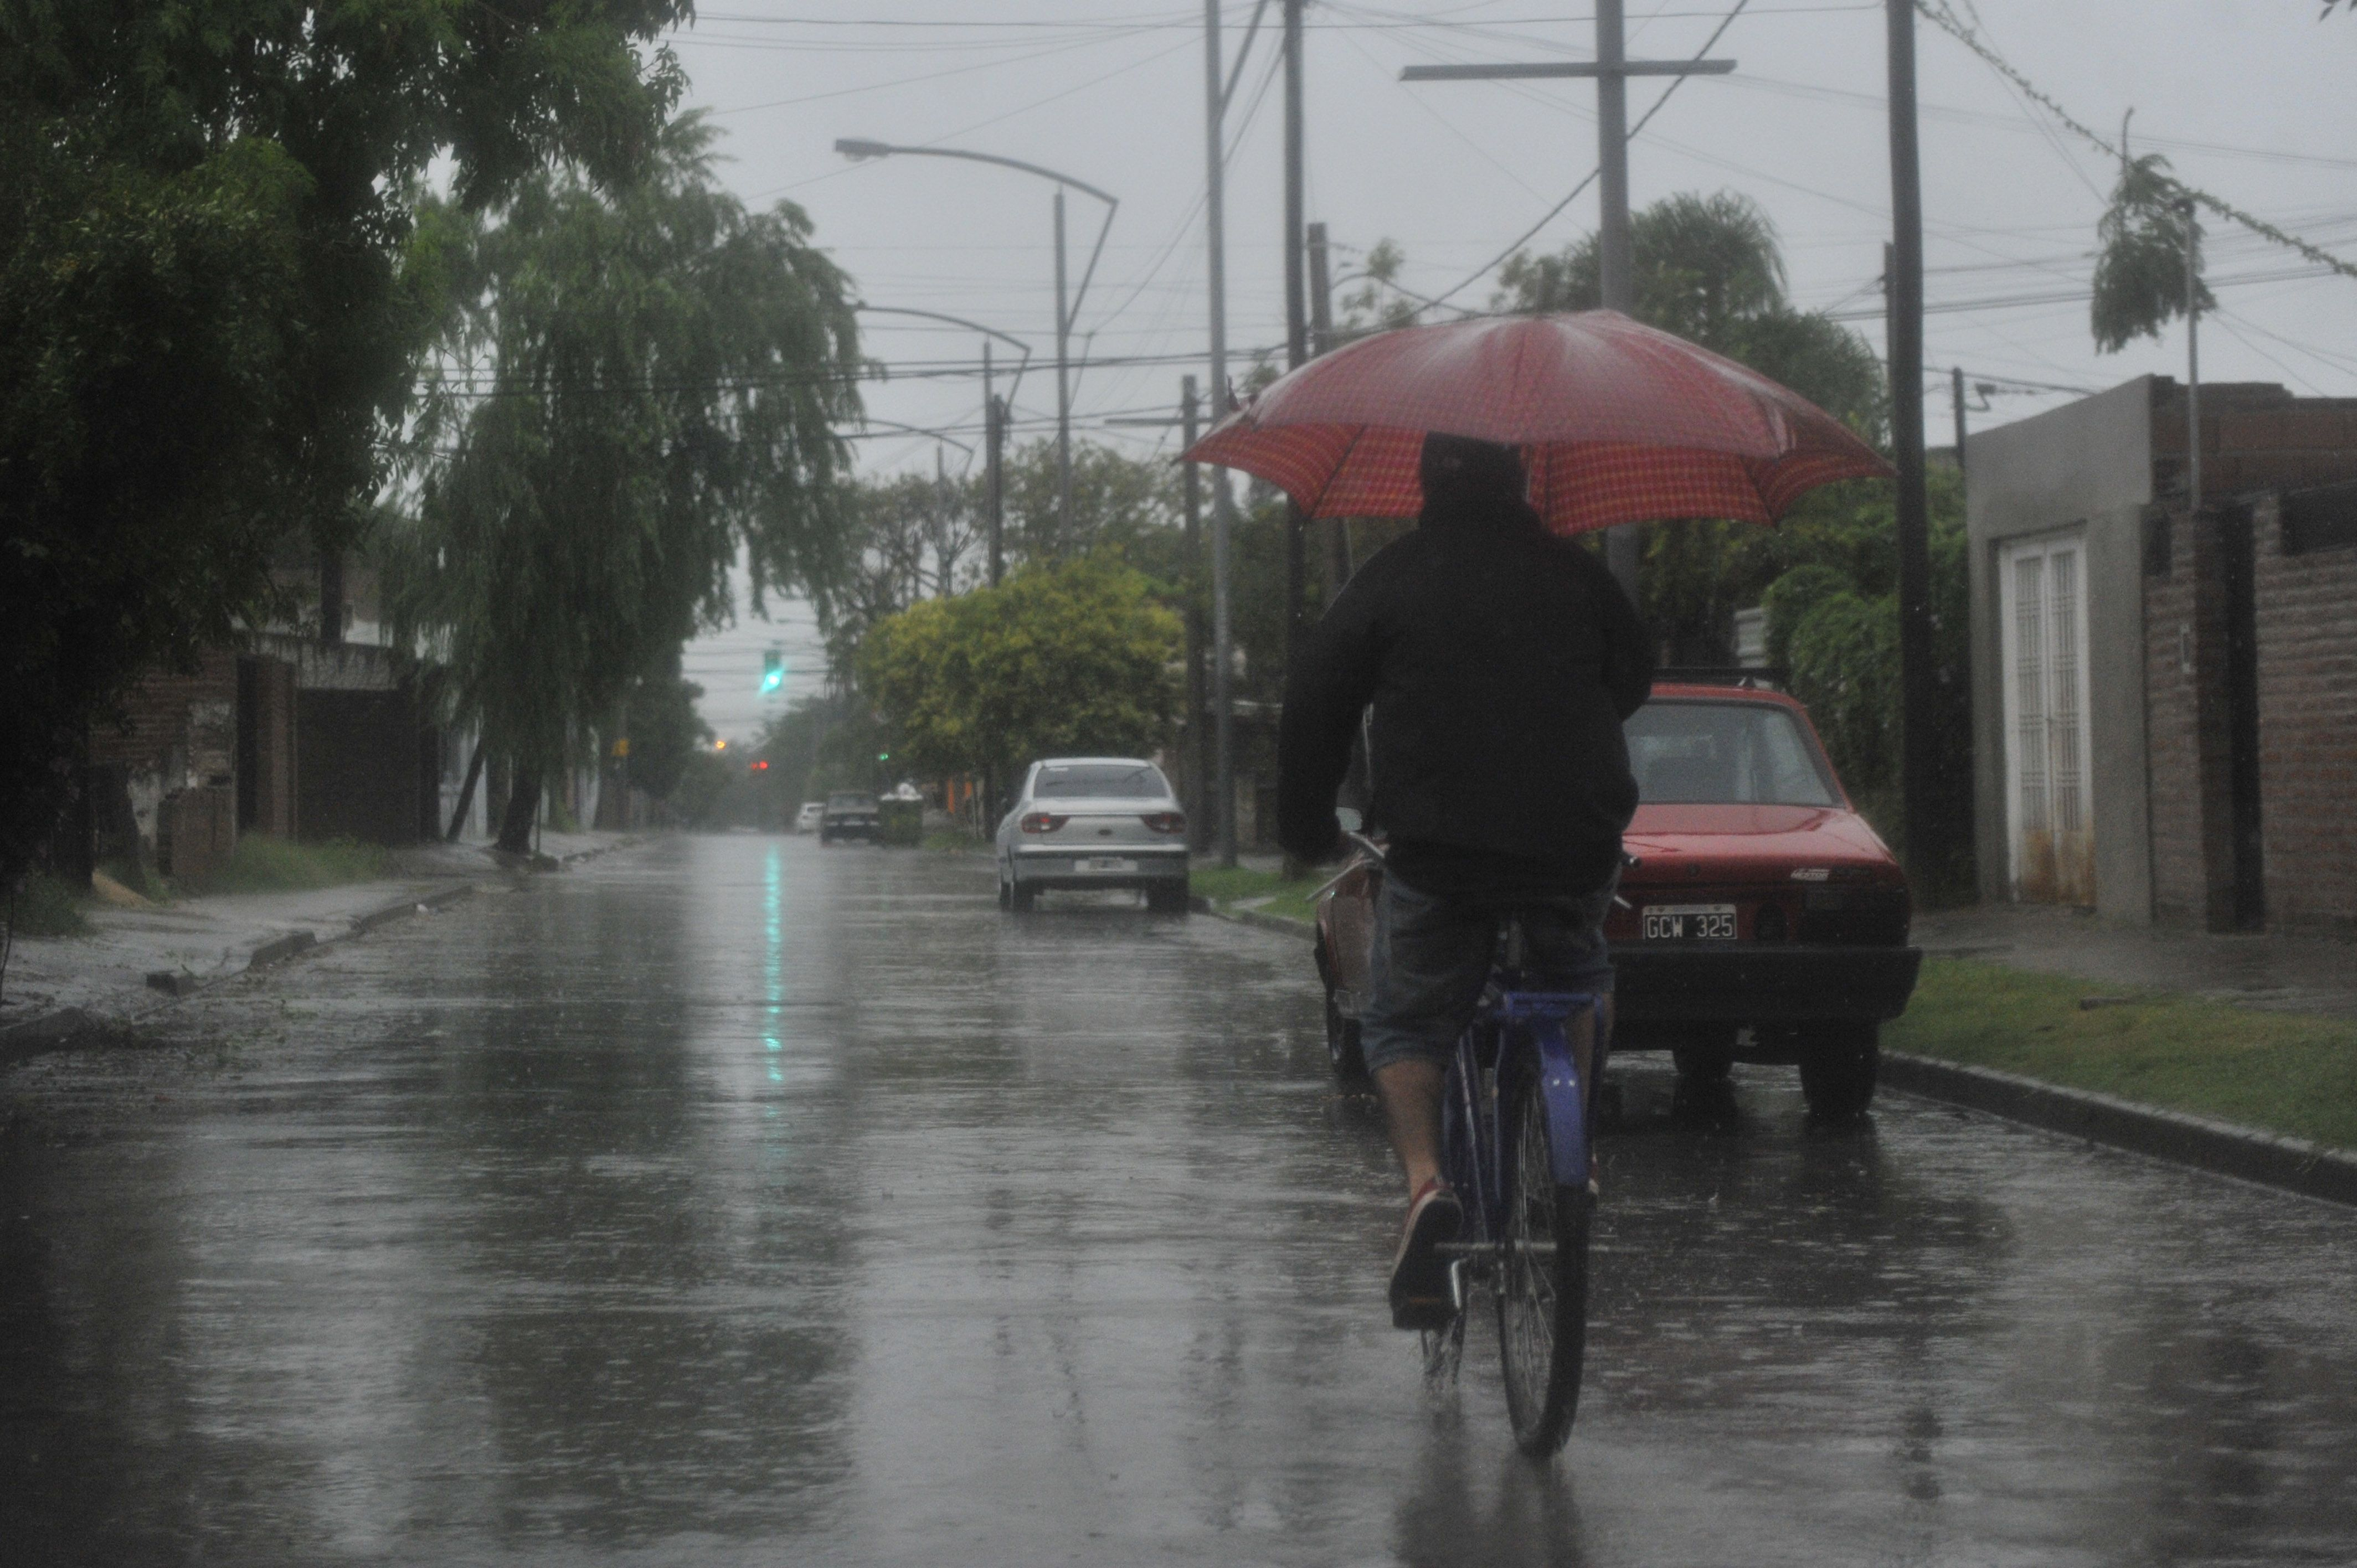 Rosario enfrenta una mañana inestable con lluvias intermitentes. (Foto La Capital/V. Benedetto)